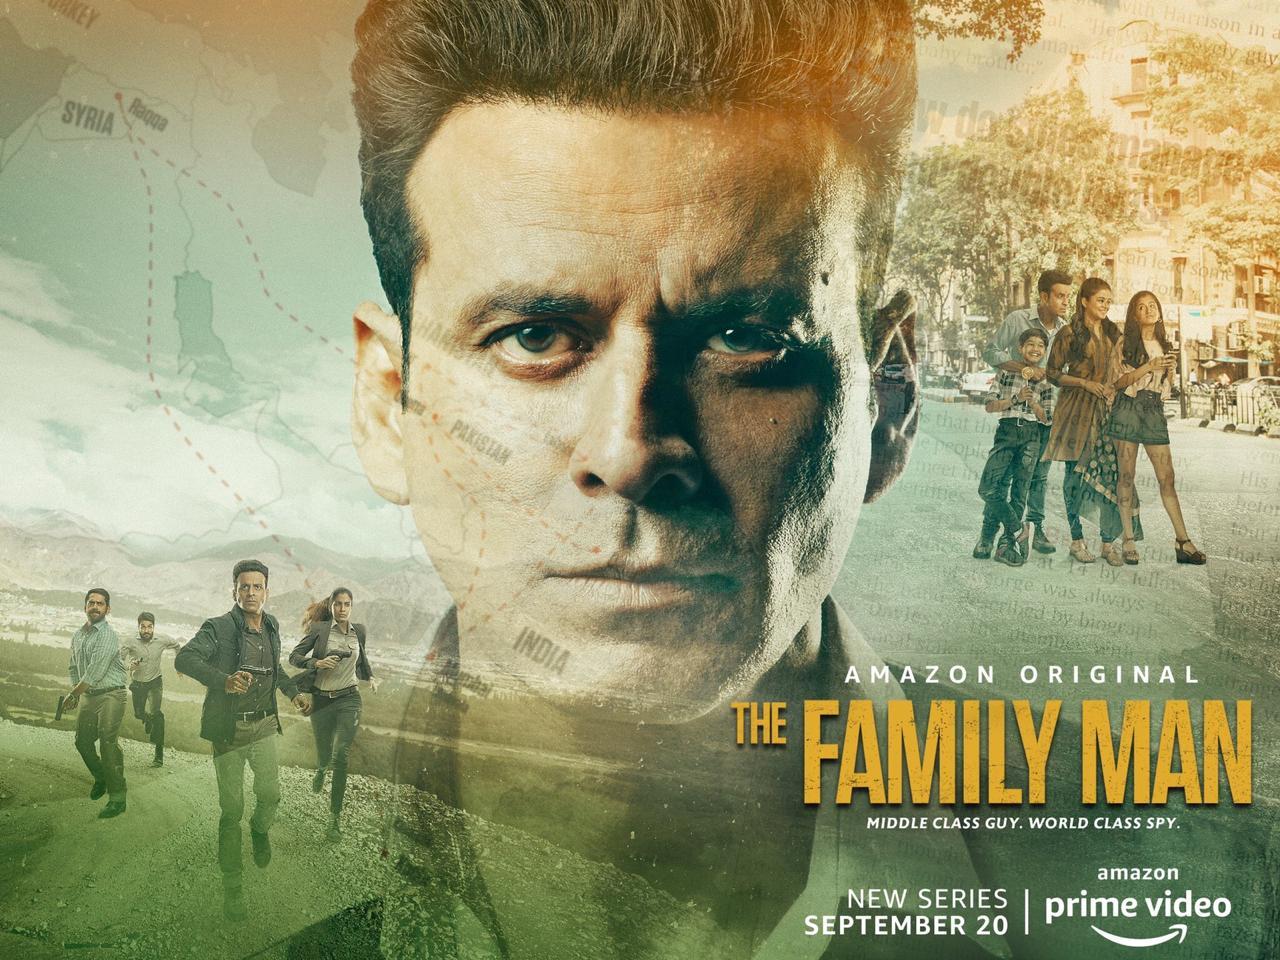 دانلود سریال مرد خانواده The Family Manبا دوبله فارسی